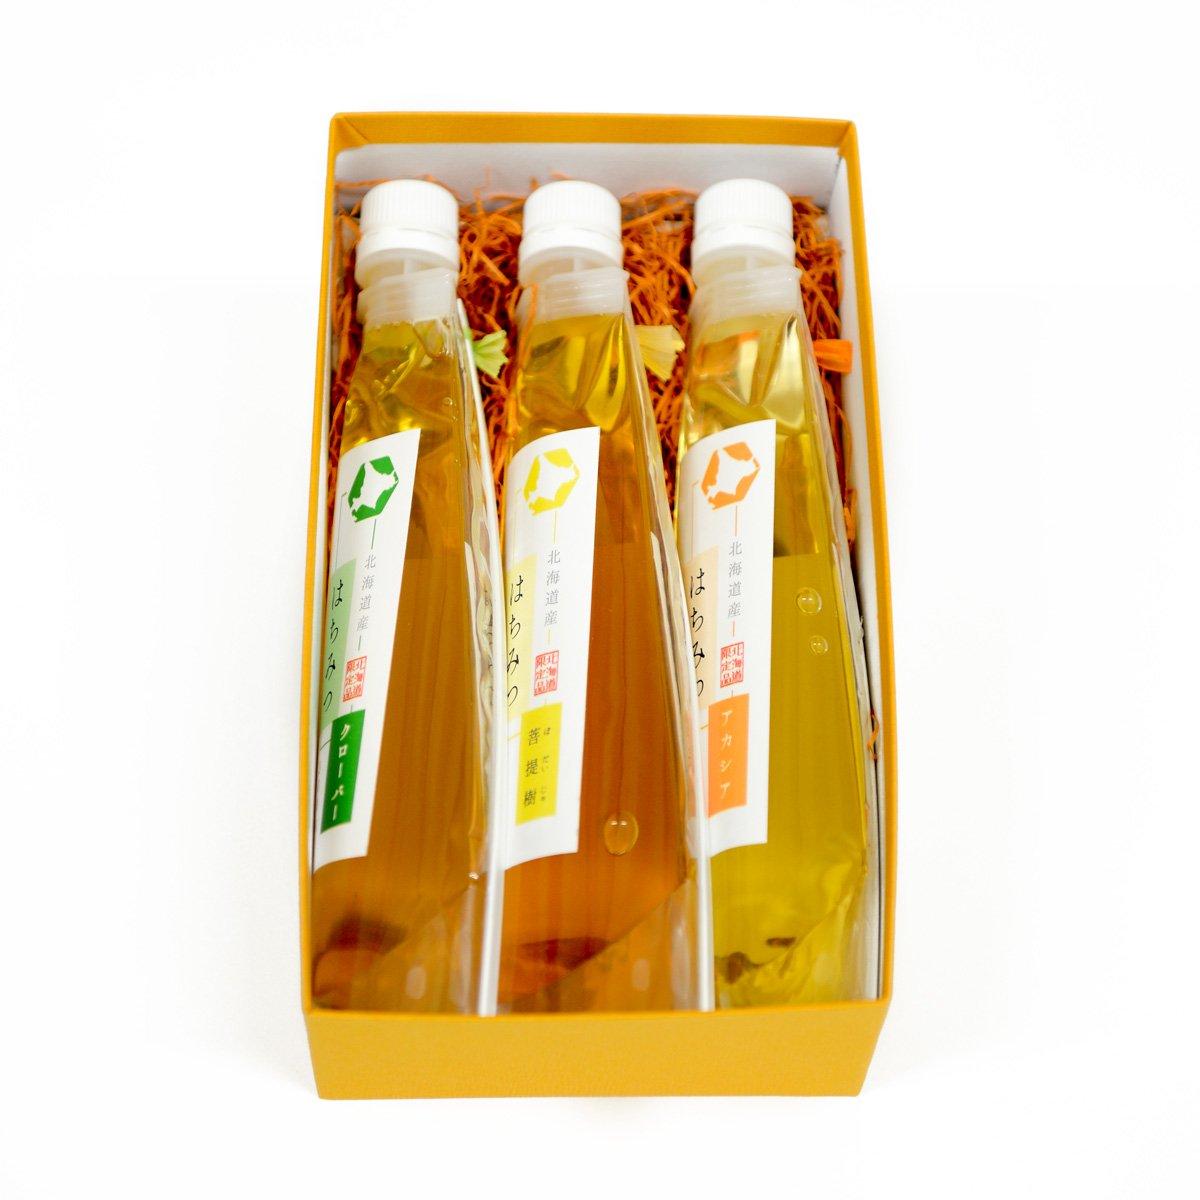 北海道産らくらく蜂蜜 3種ギフトセット